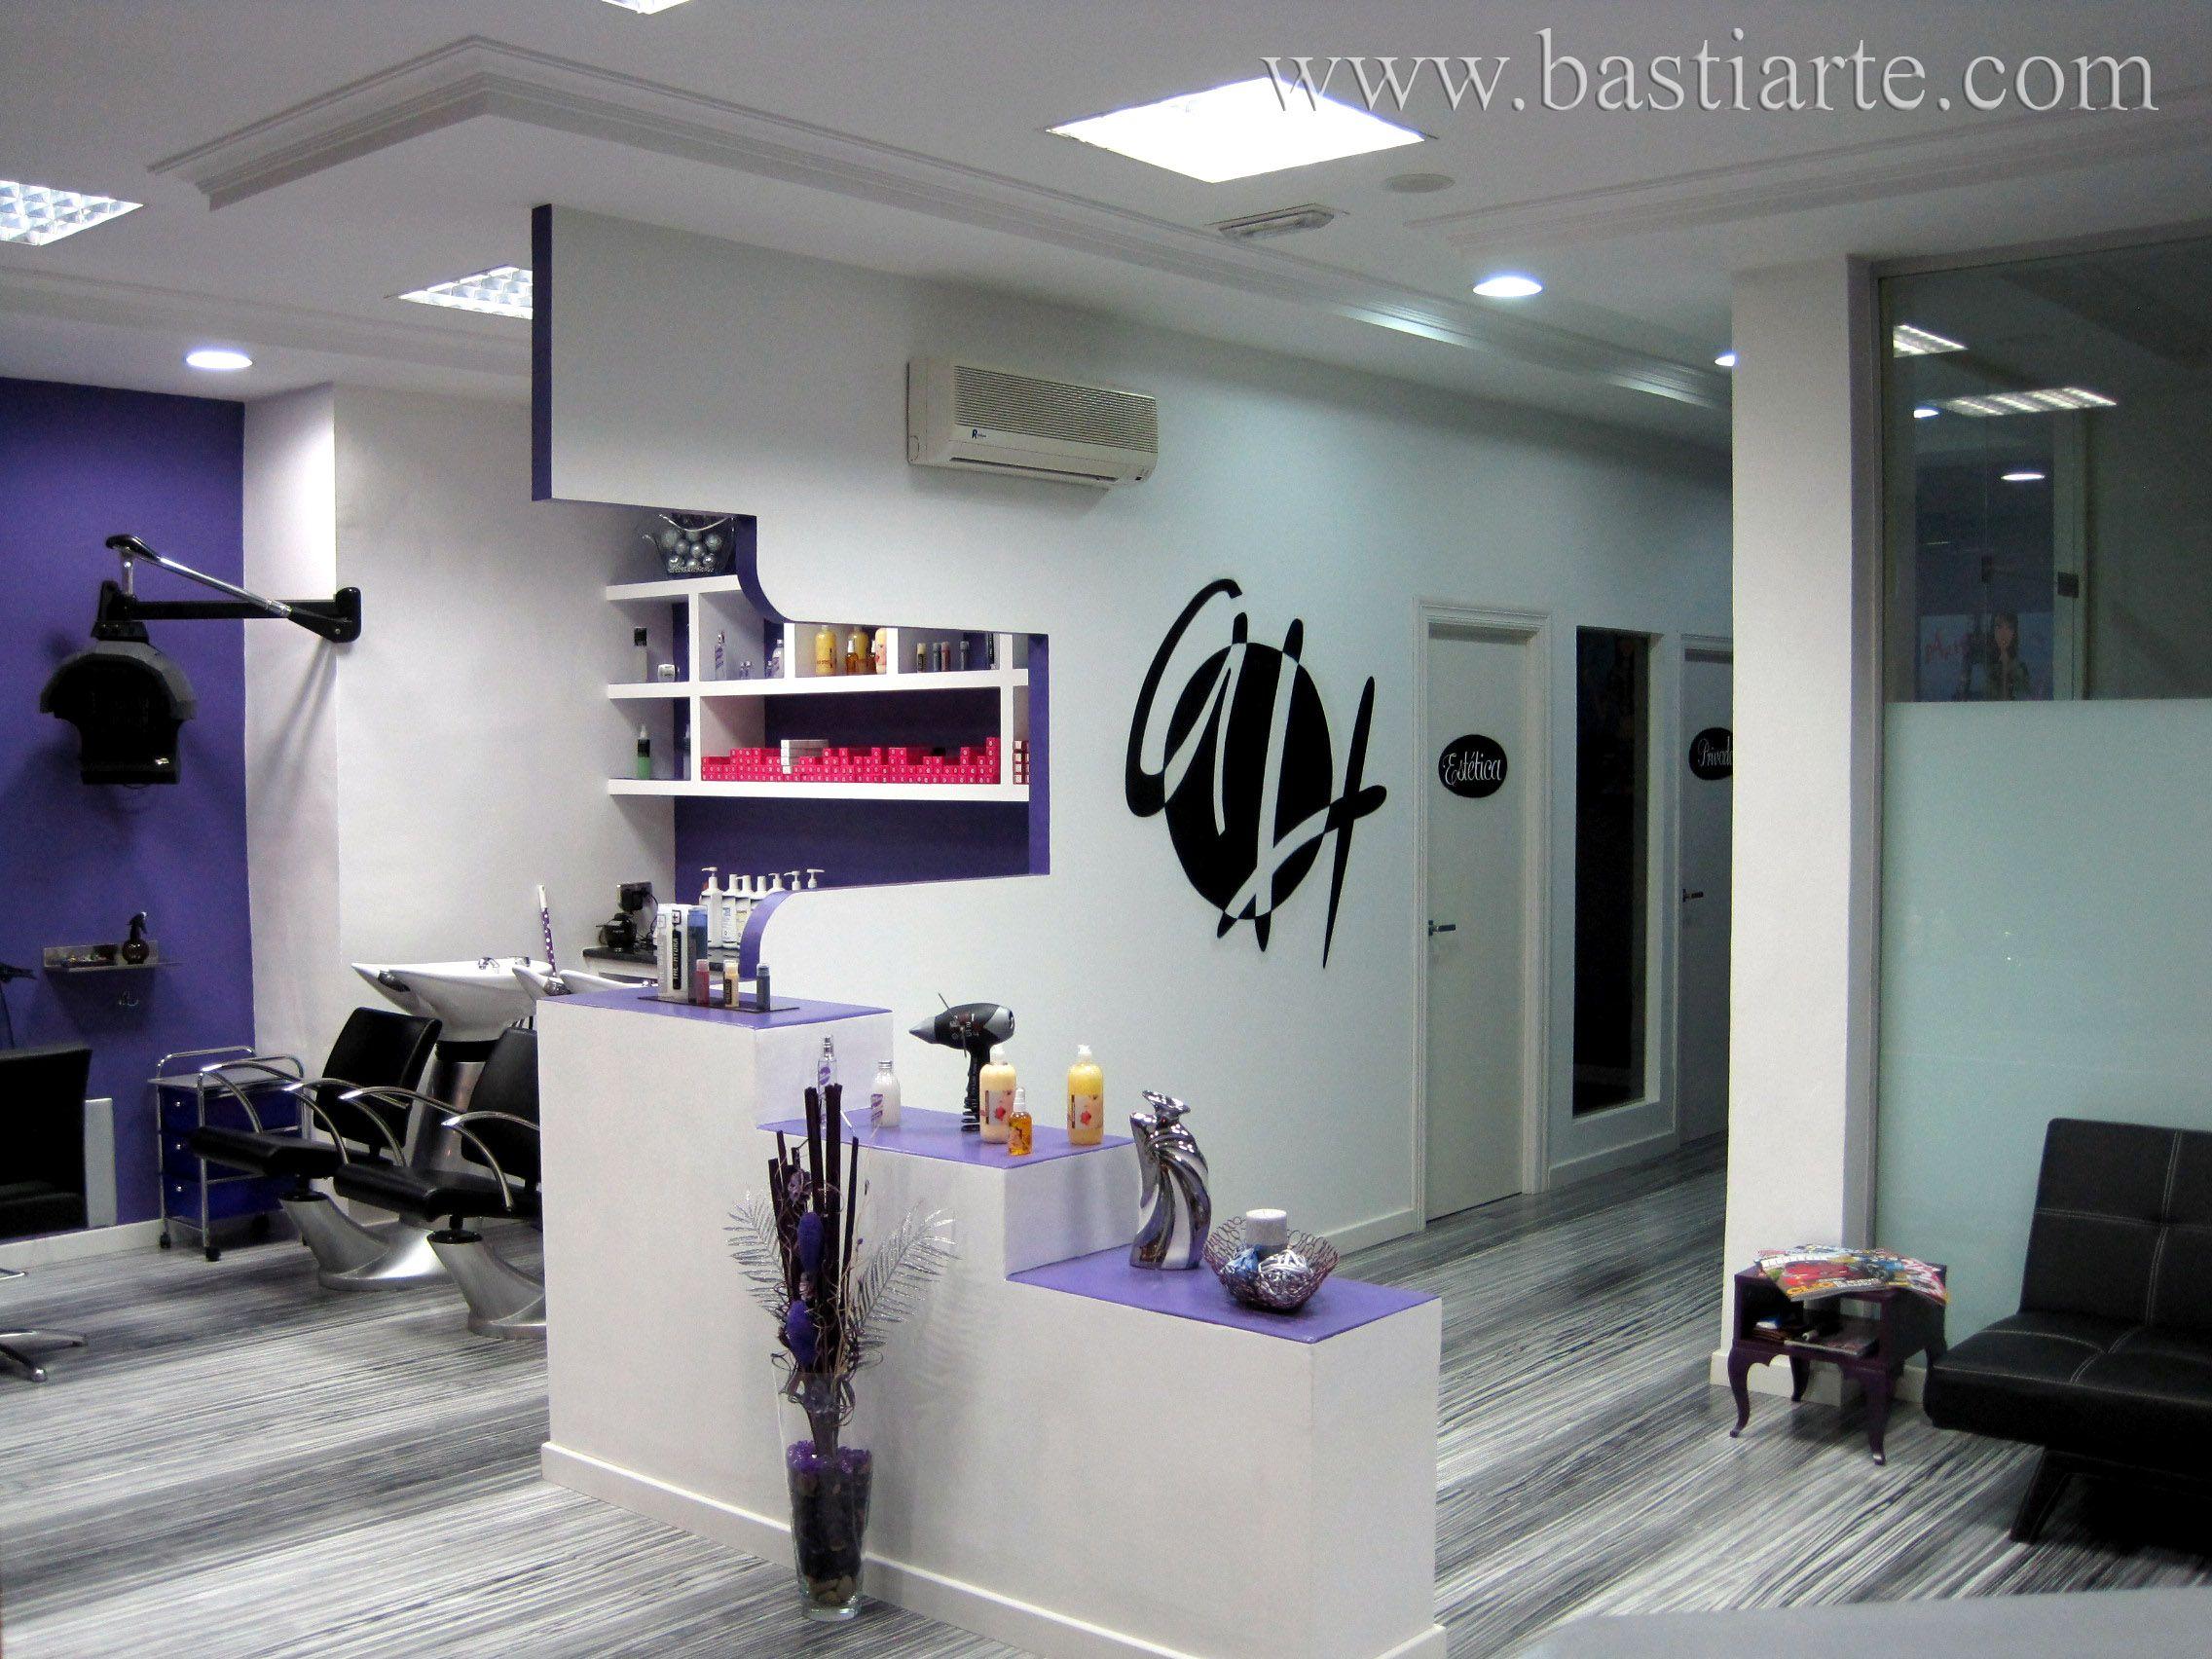 peluquerias de dise o espacios peluquer as pinterest